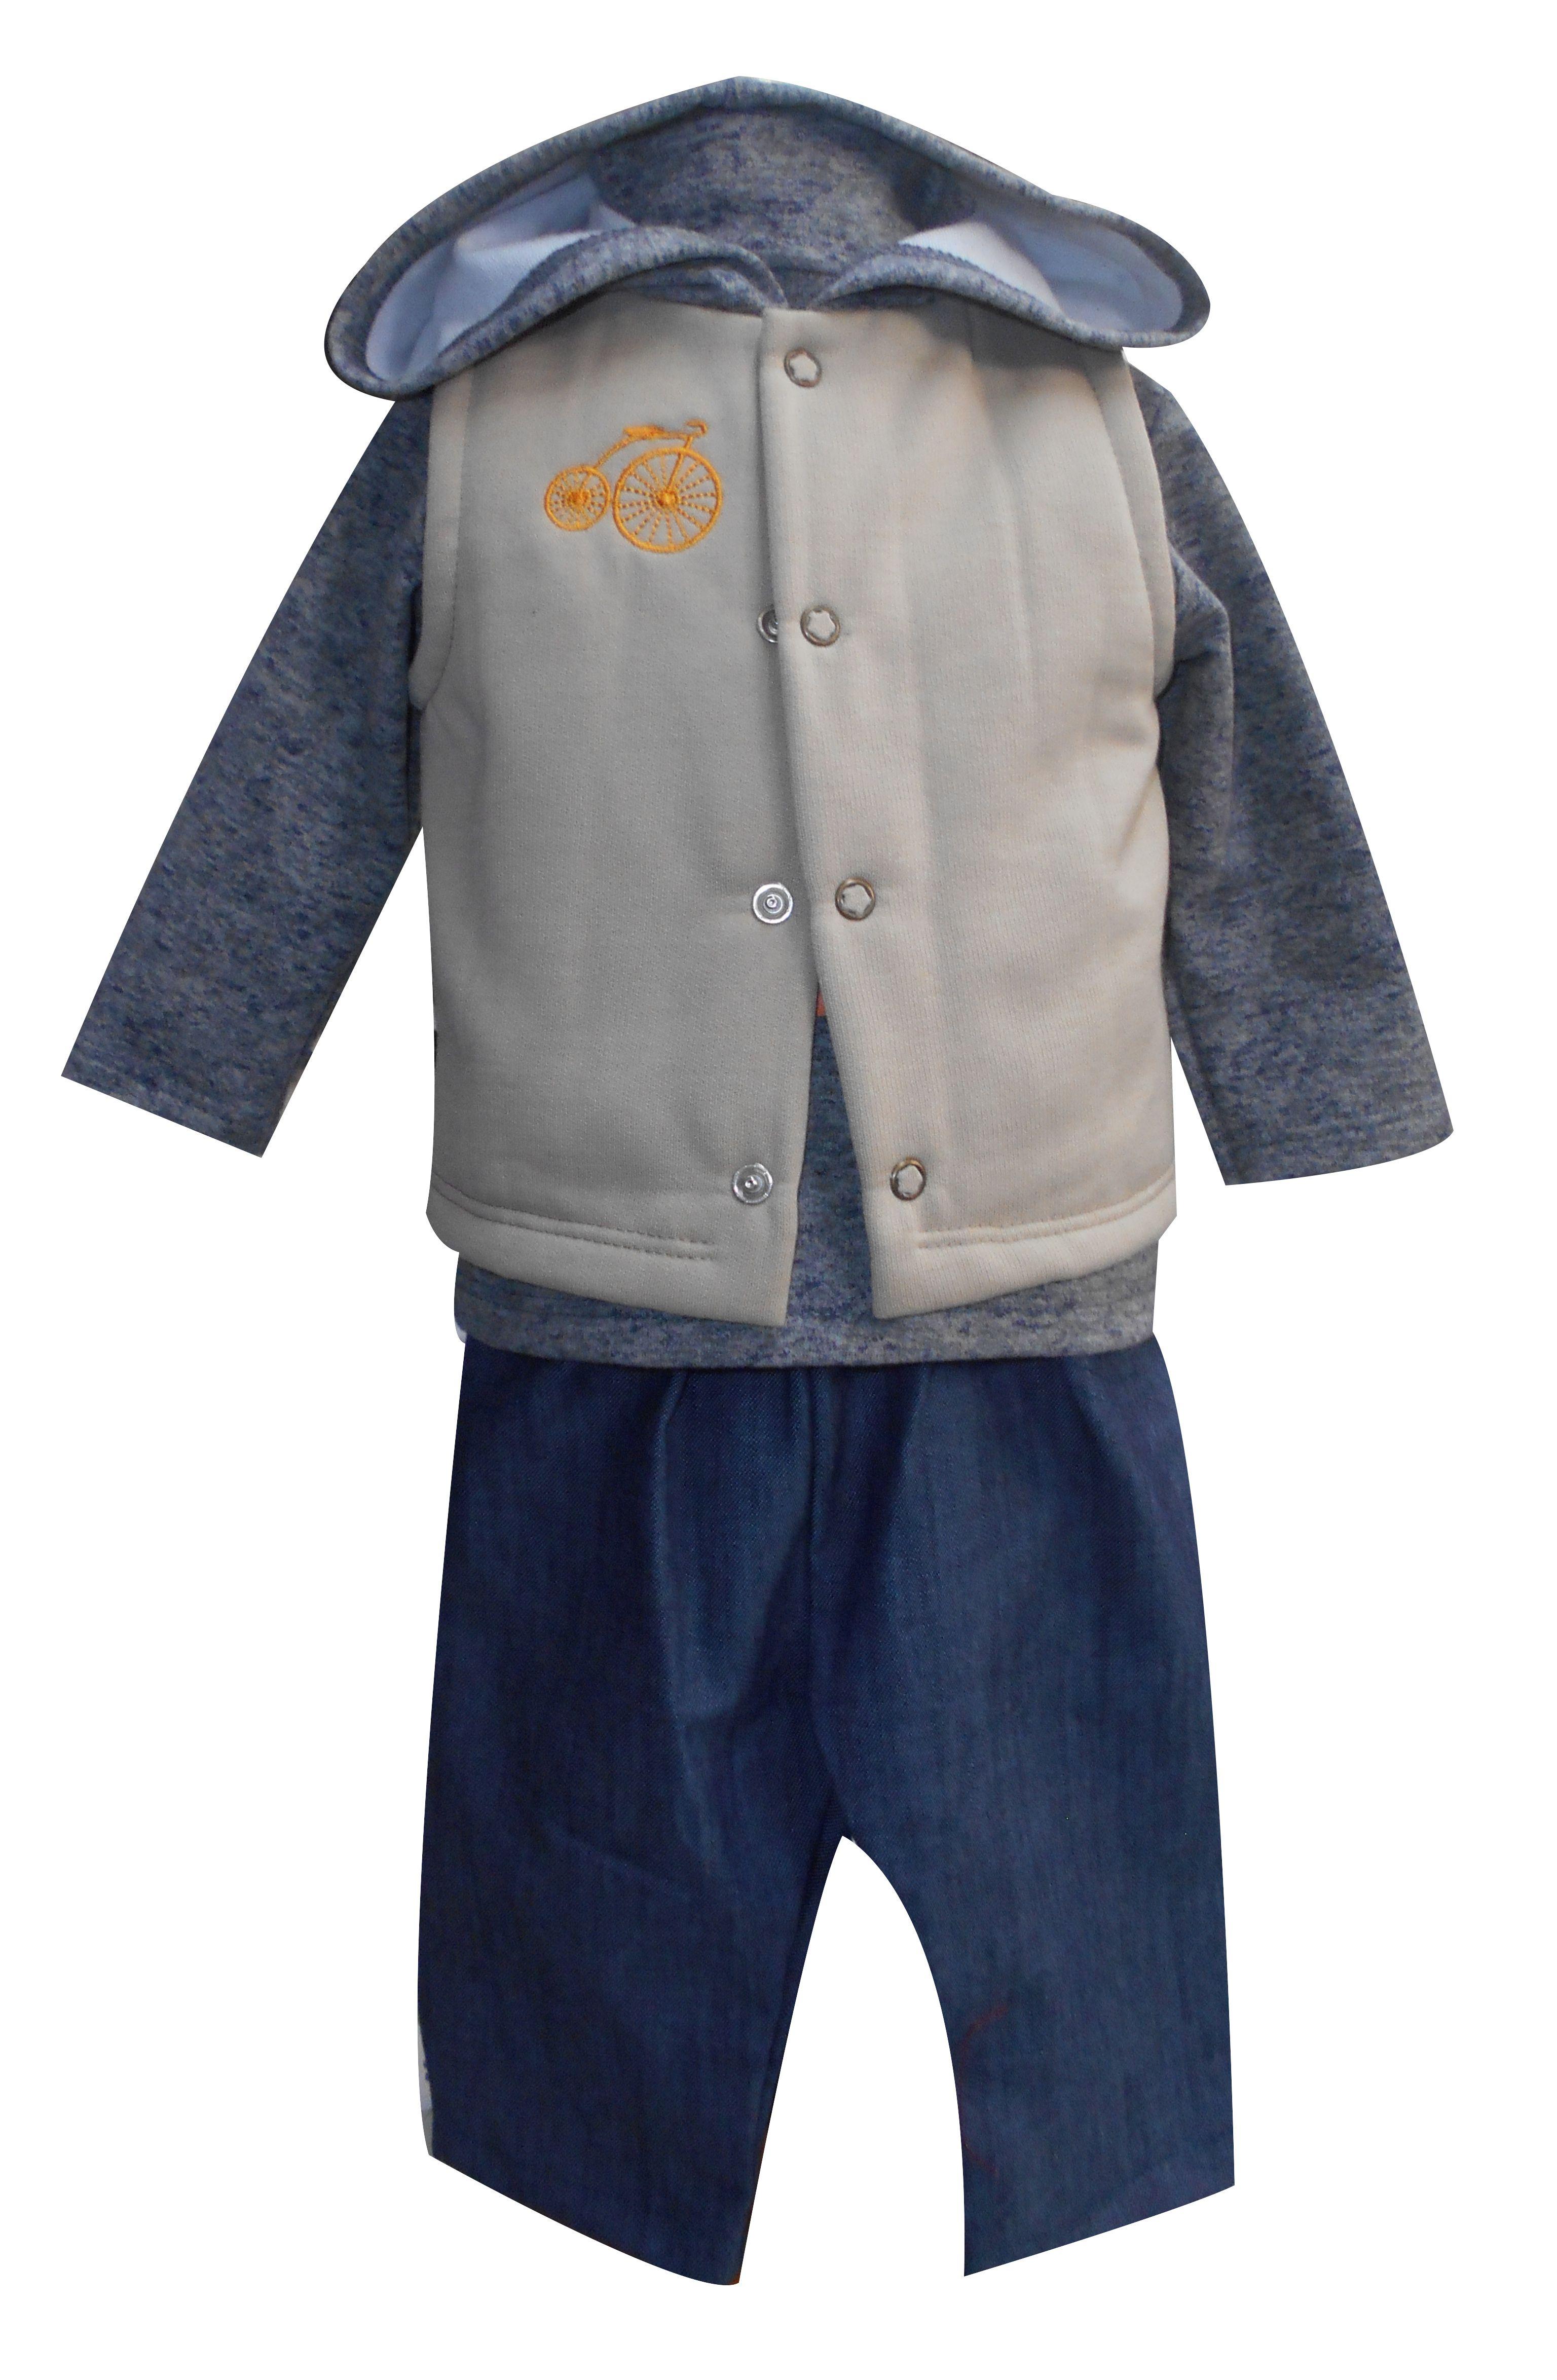 Chaleco con capucha y bordado, playera manga larga cuello alto y pantalón de mezclilla. Tallas 3, 6, 12 y 18 meses.